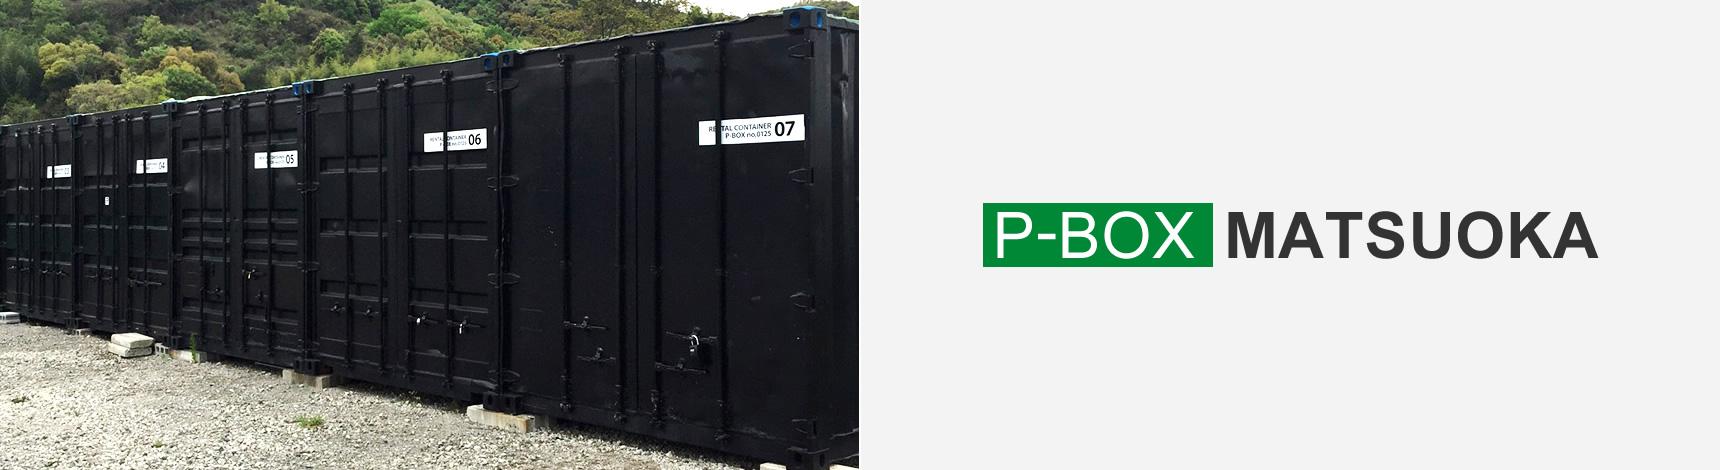 P-BOX(松岡店)